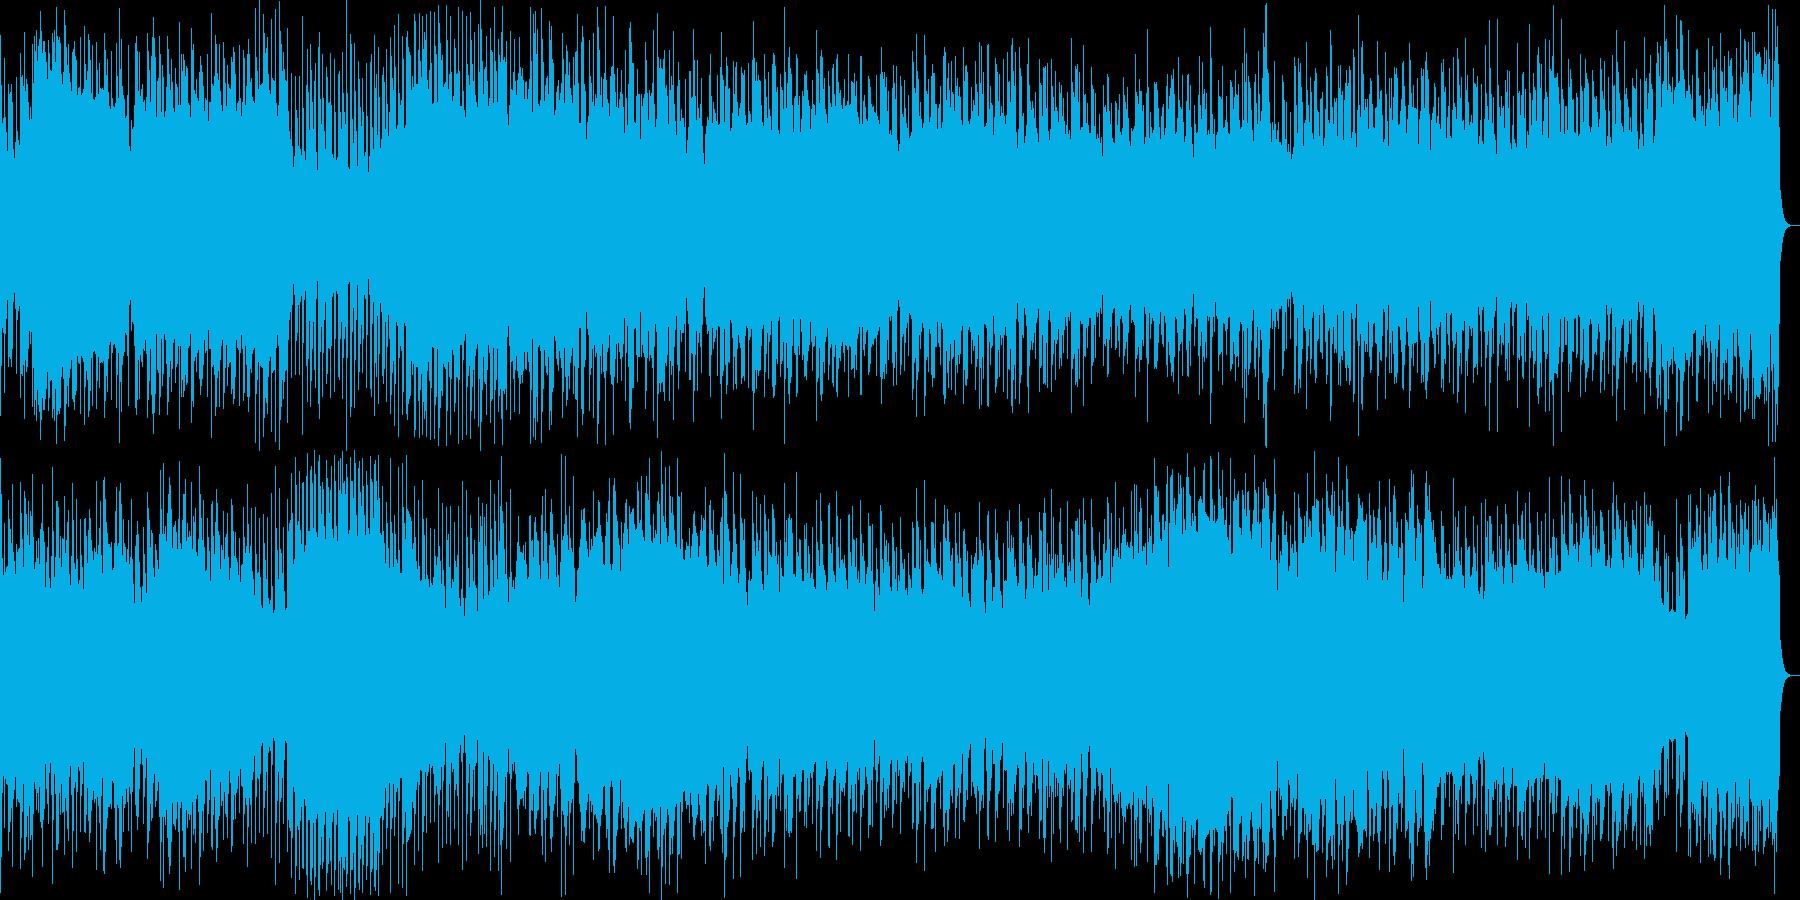 重たいベースが特徴のBGMの再生済みの波形